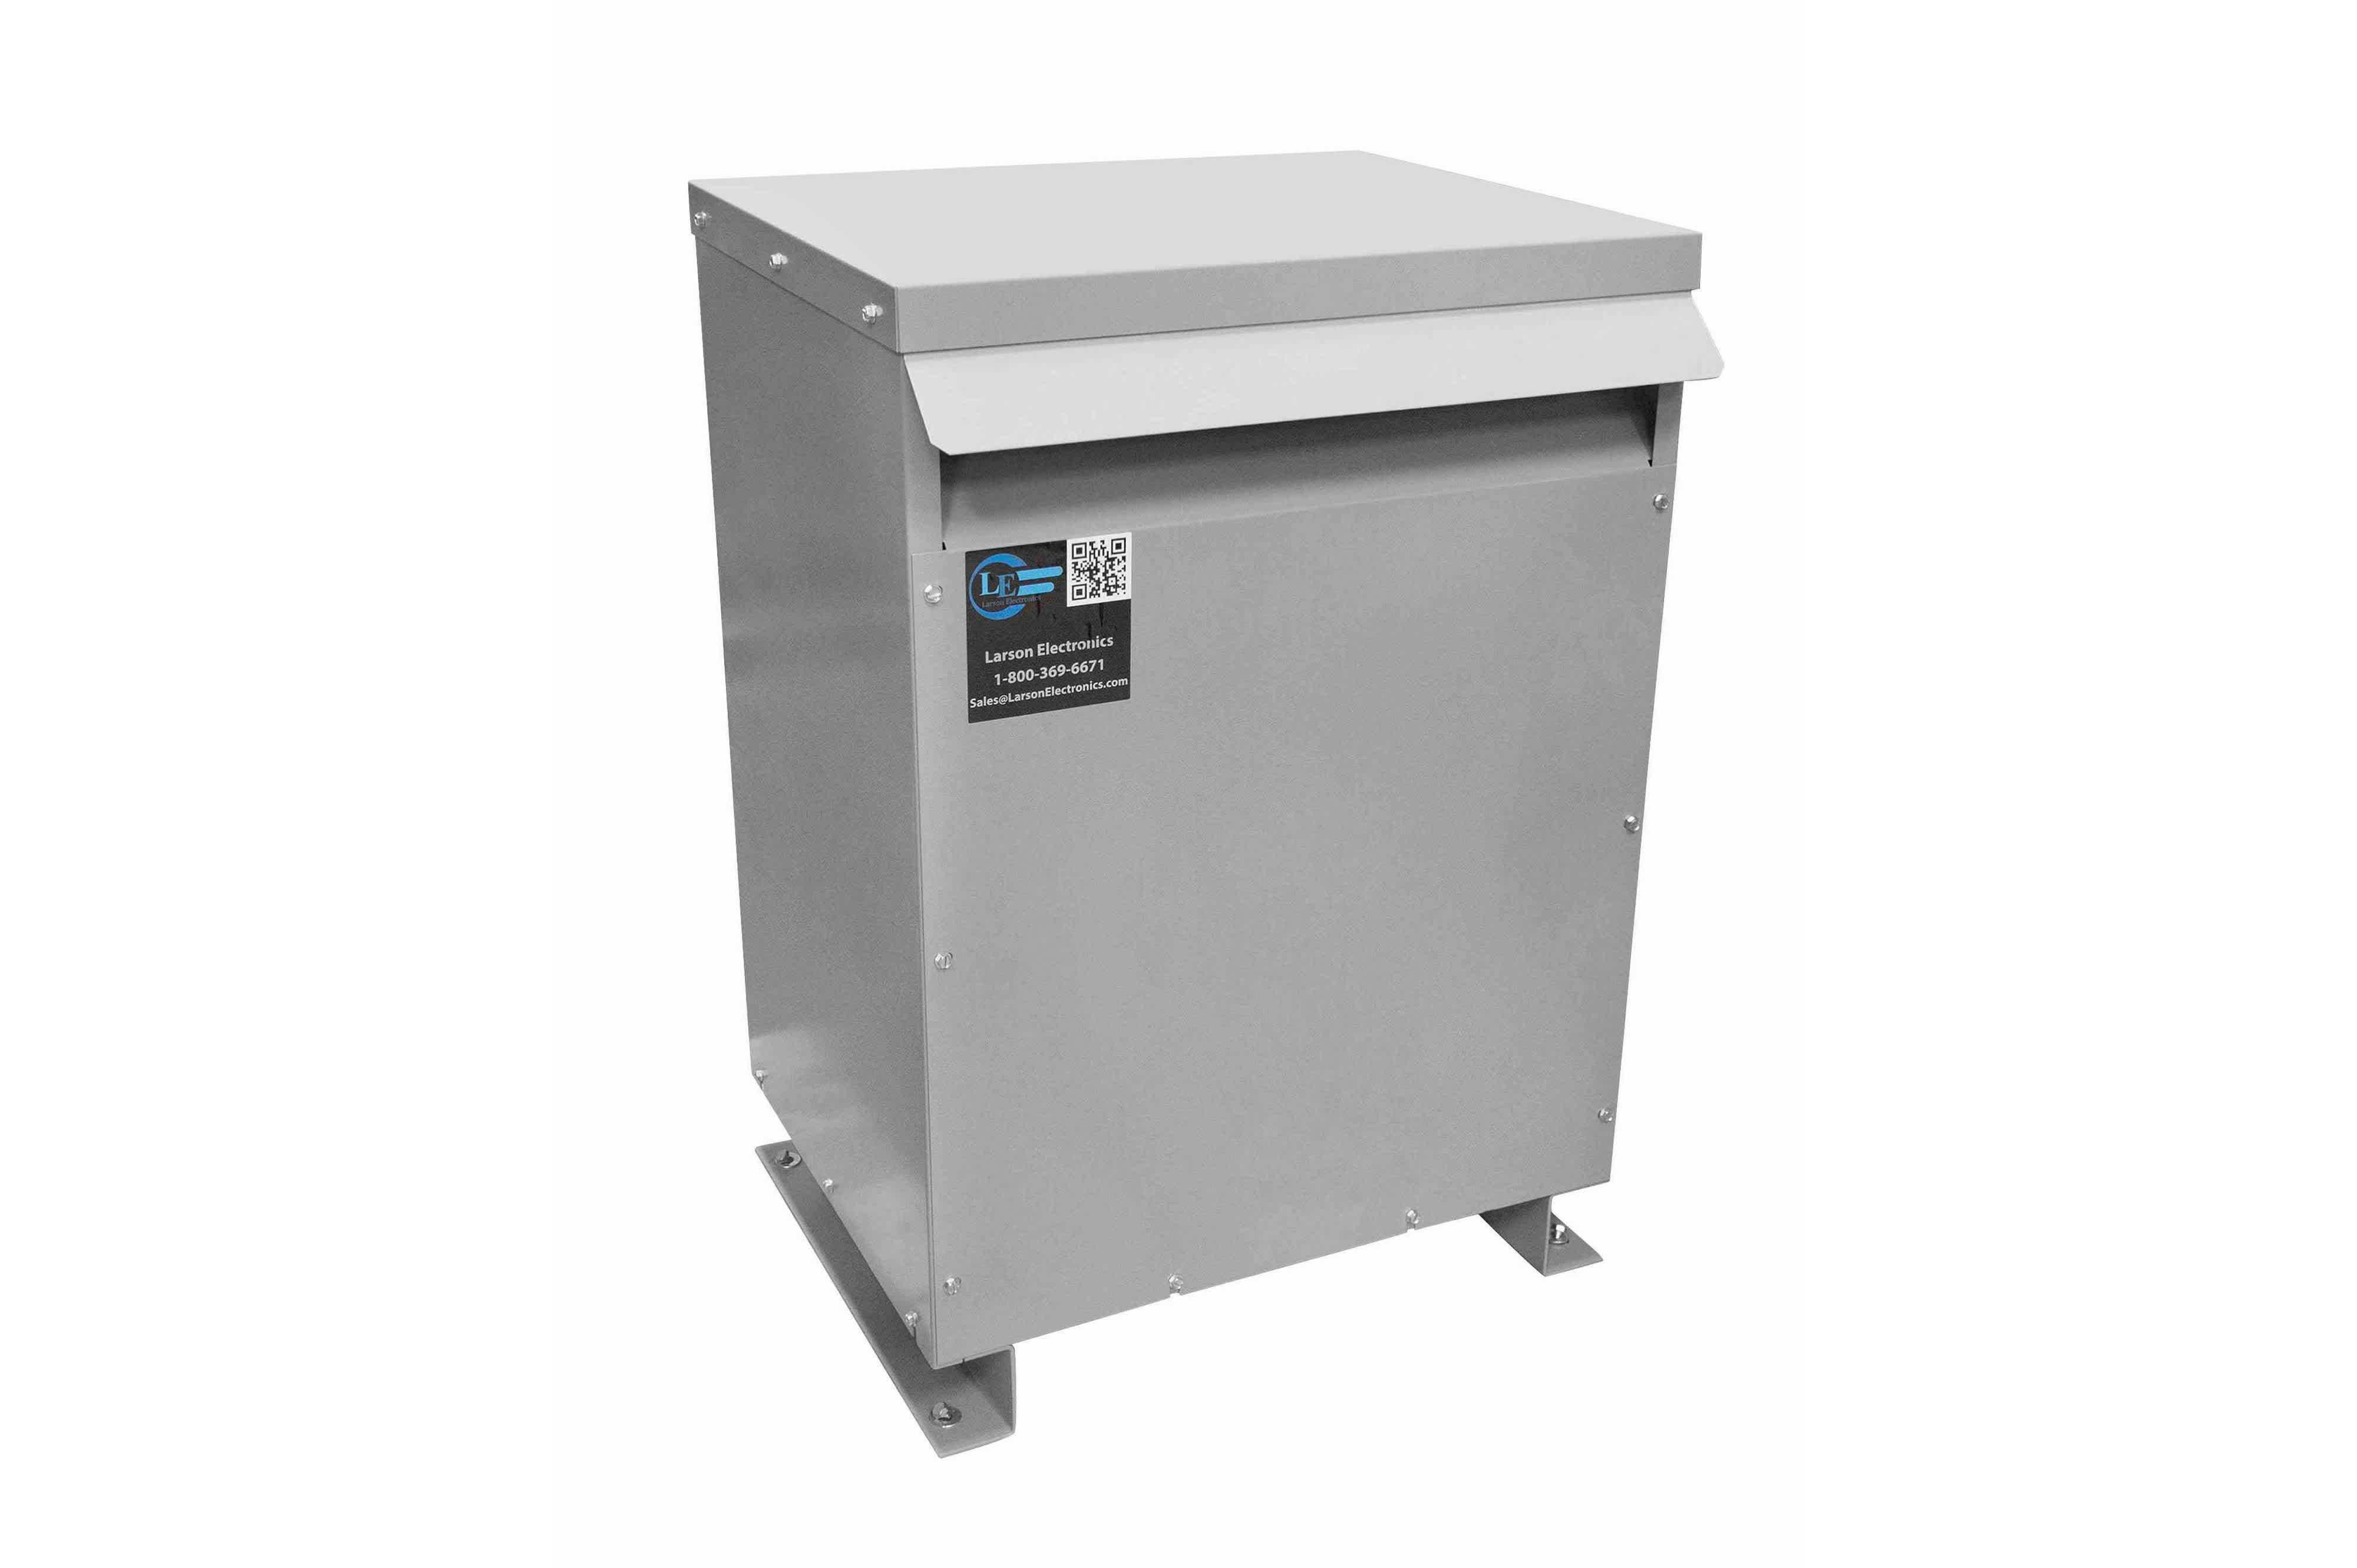 27 kVA 3PH Isolation Transformer, 400V Delta Primary, 208V Delta Secondary, N3R, Ventilated, 60 Hz